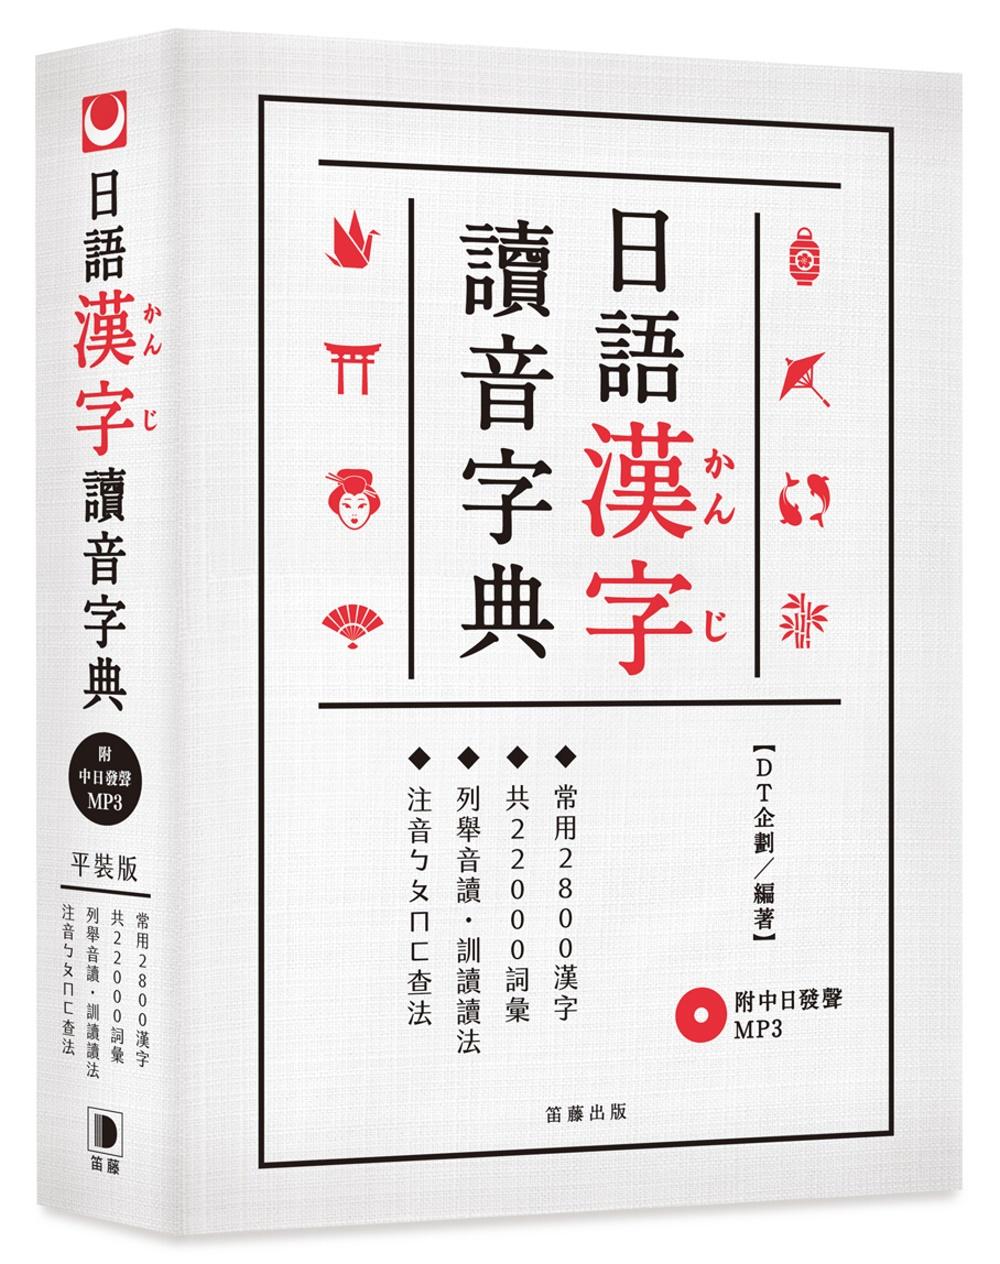 日語漢字讀音字典(附中日發聲MP3):.常用2800漢字.共22000詞彙.列舉音讀、訓讀讀法.注音ㄅㄆㄇ查法(二版)